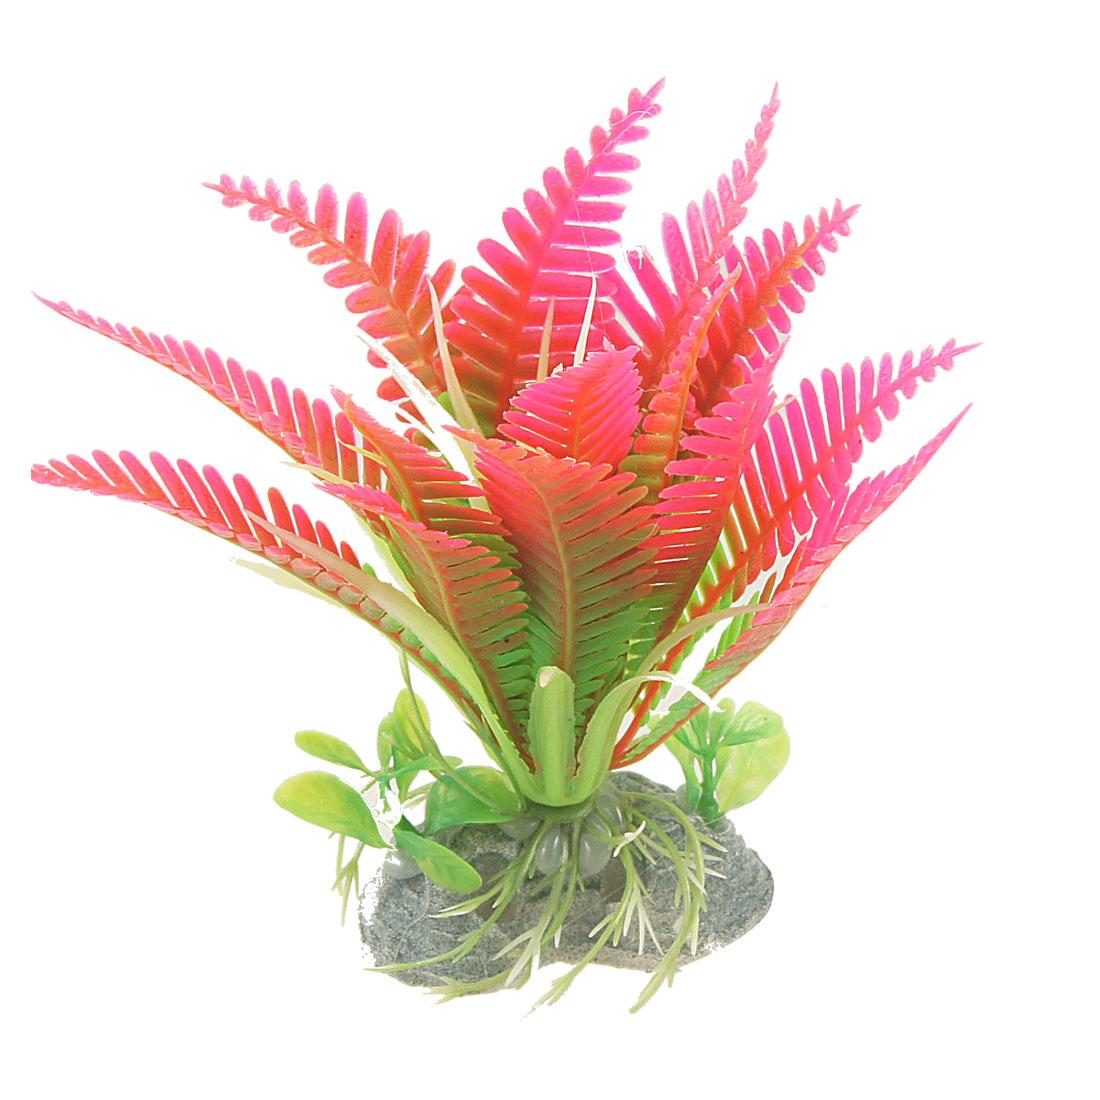 Unique Bargains Fish Tank Perforated Base Plastic Aquatic Plants Decor Hot Pink Green 5